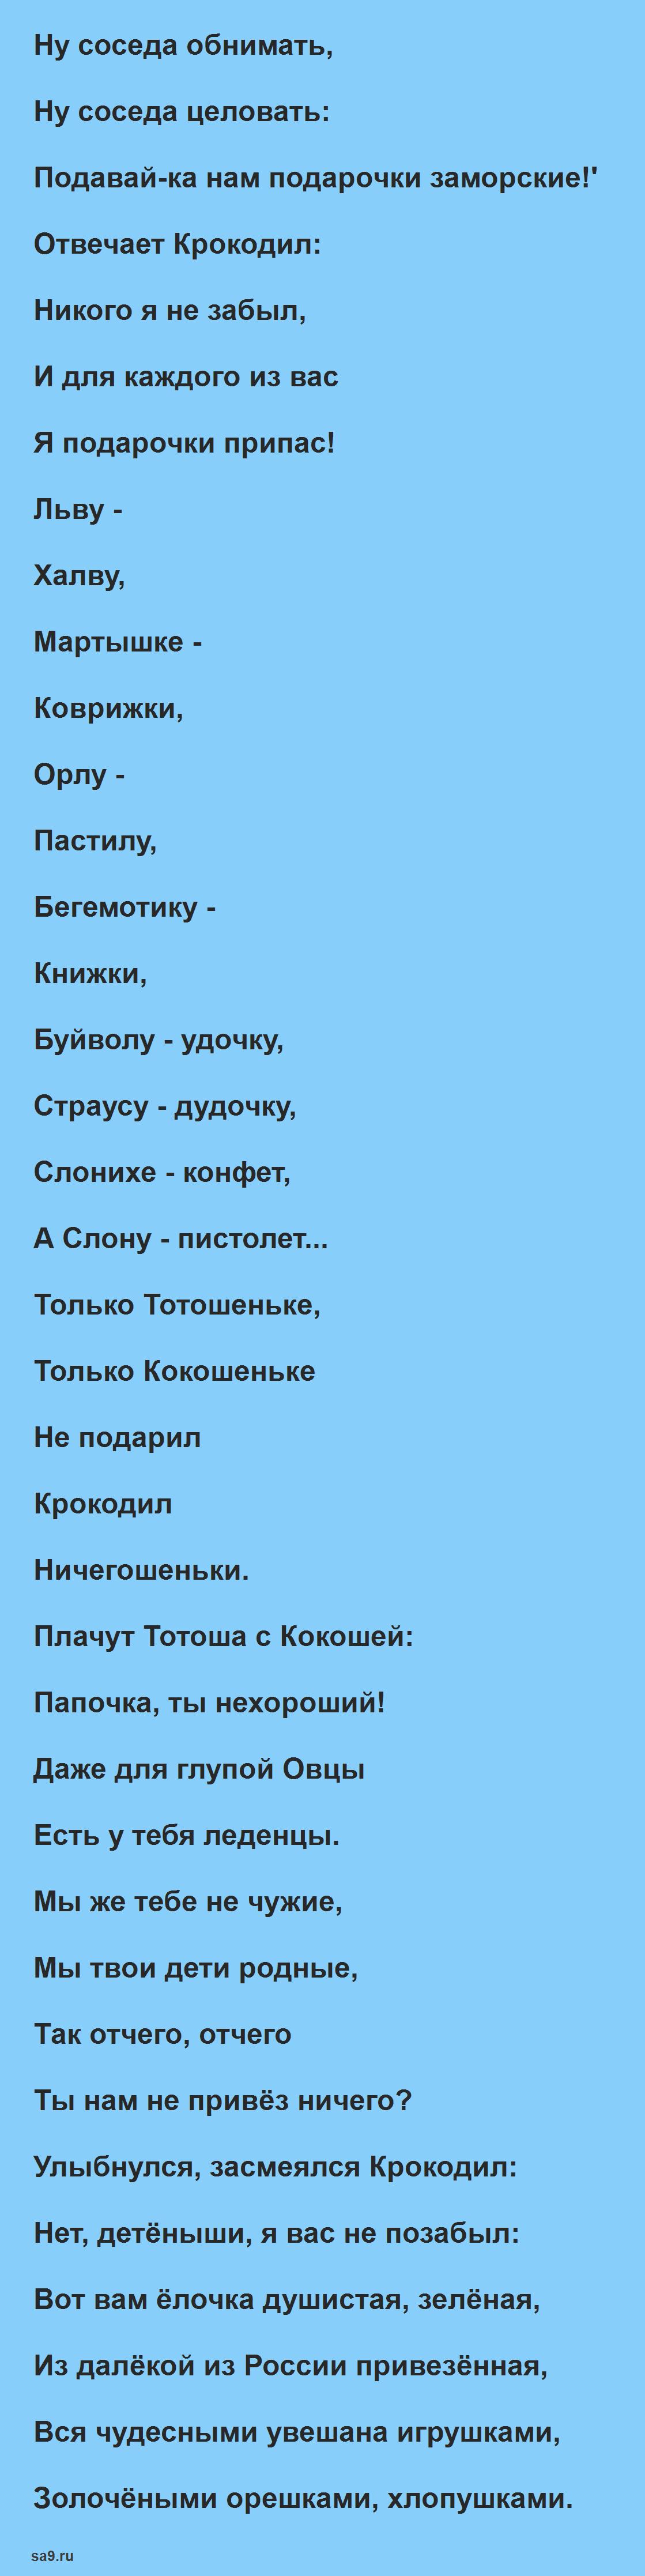 Читать и скачать полностью сказку Чуковского для детей 'Крокодил'